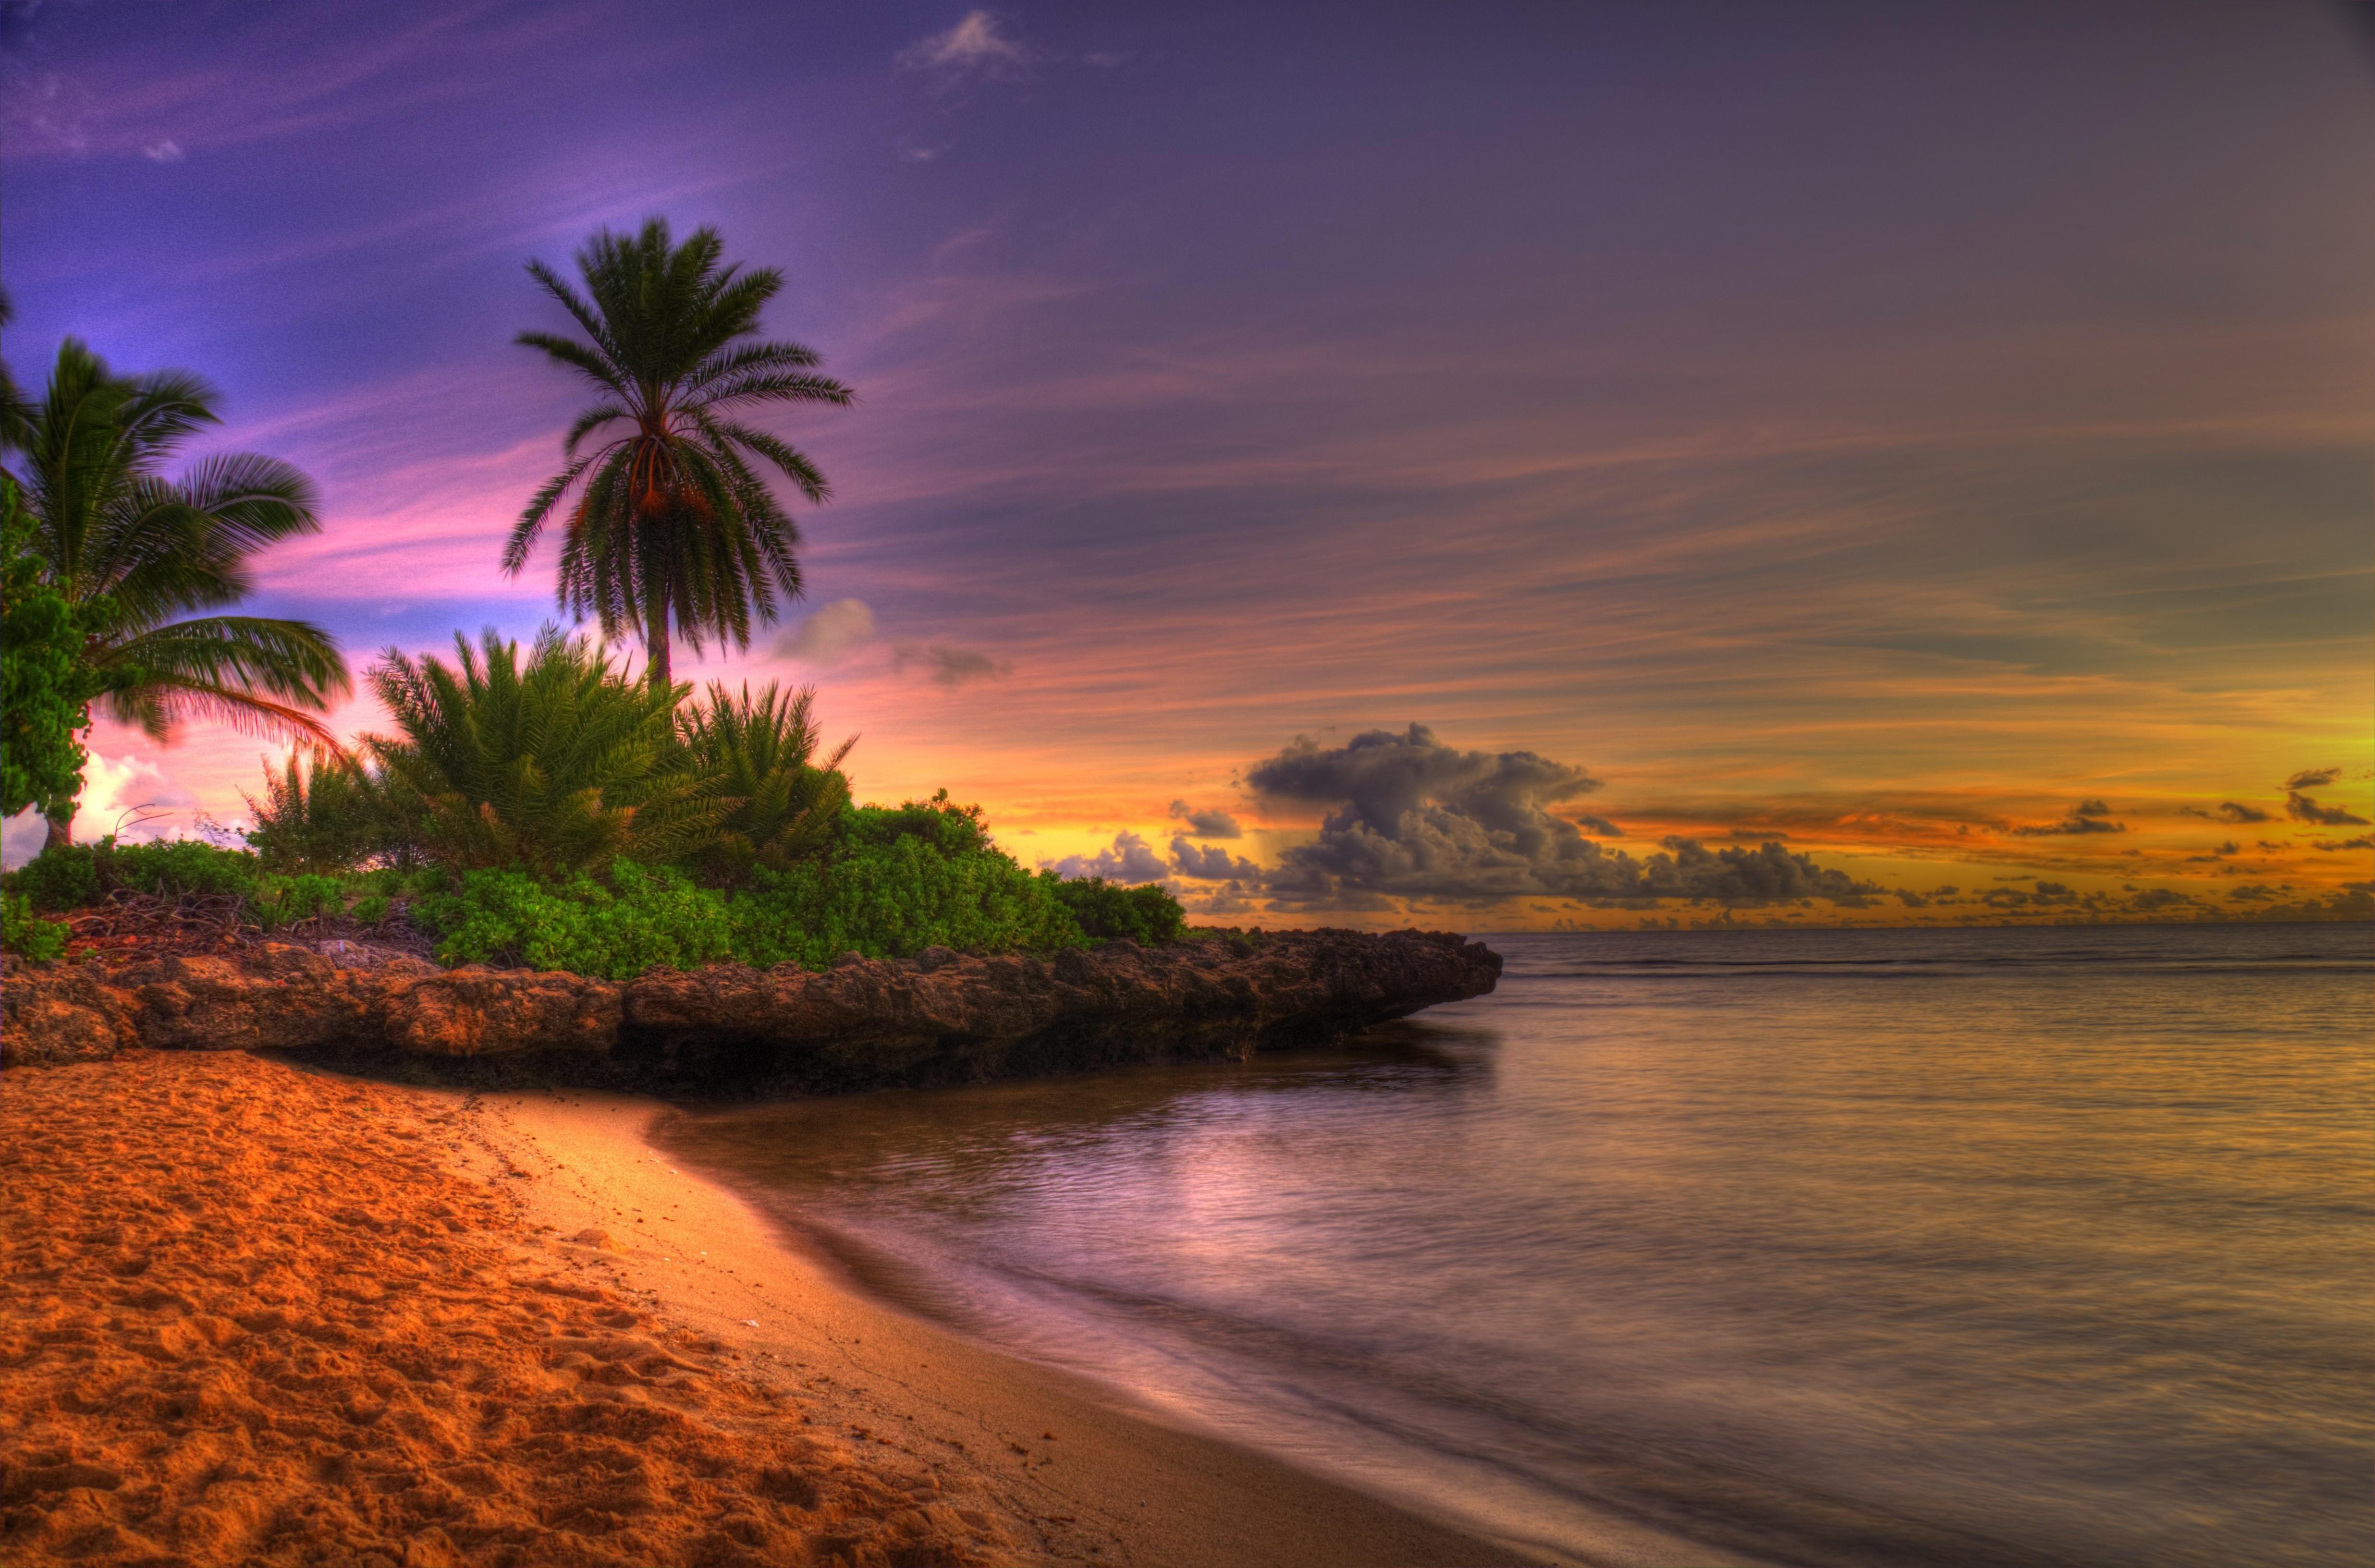 Beach Sunset Hd Wallpaper | Wallpaper List